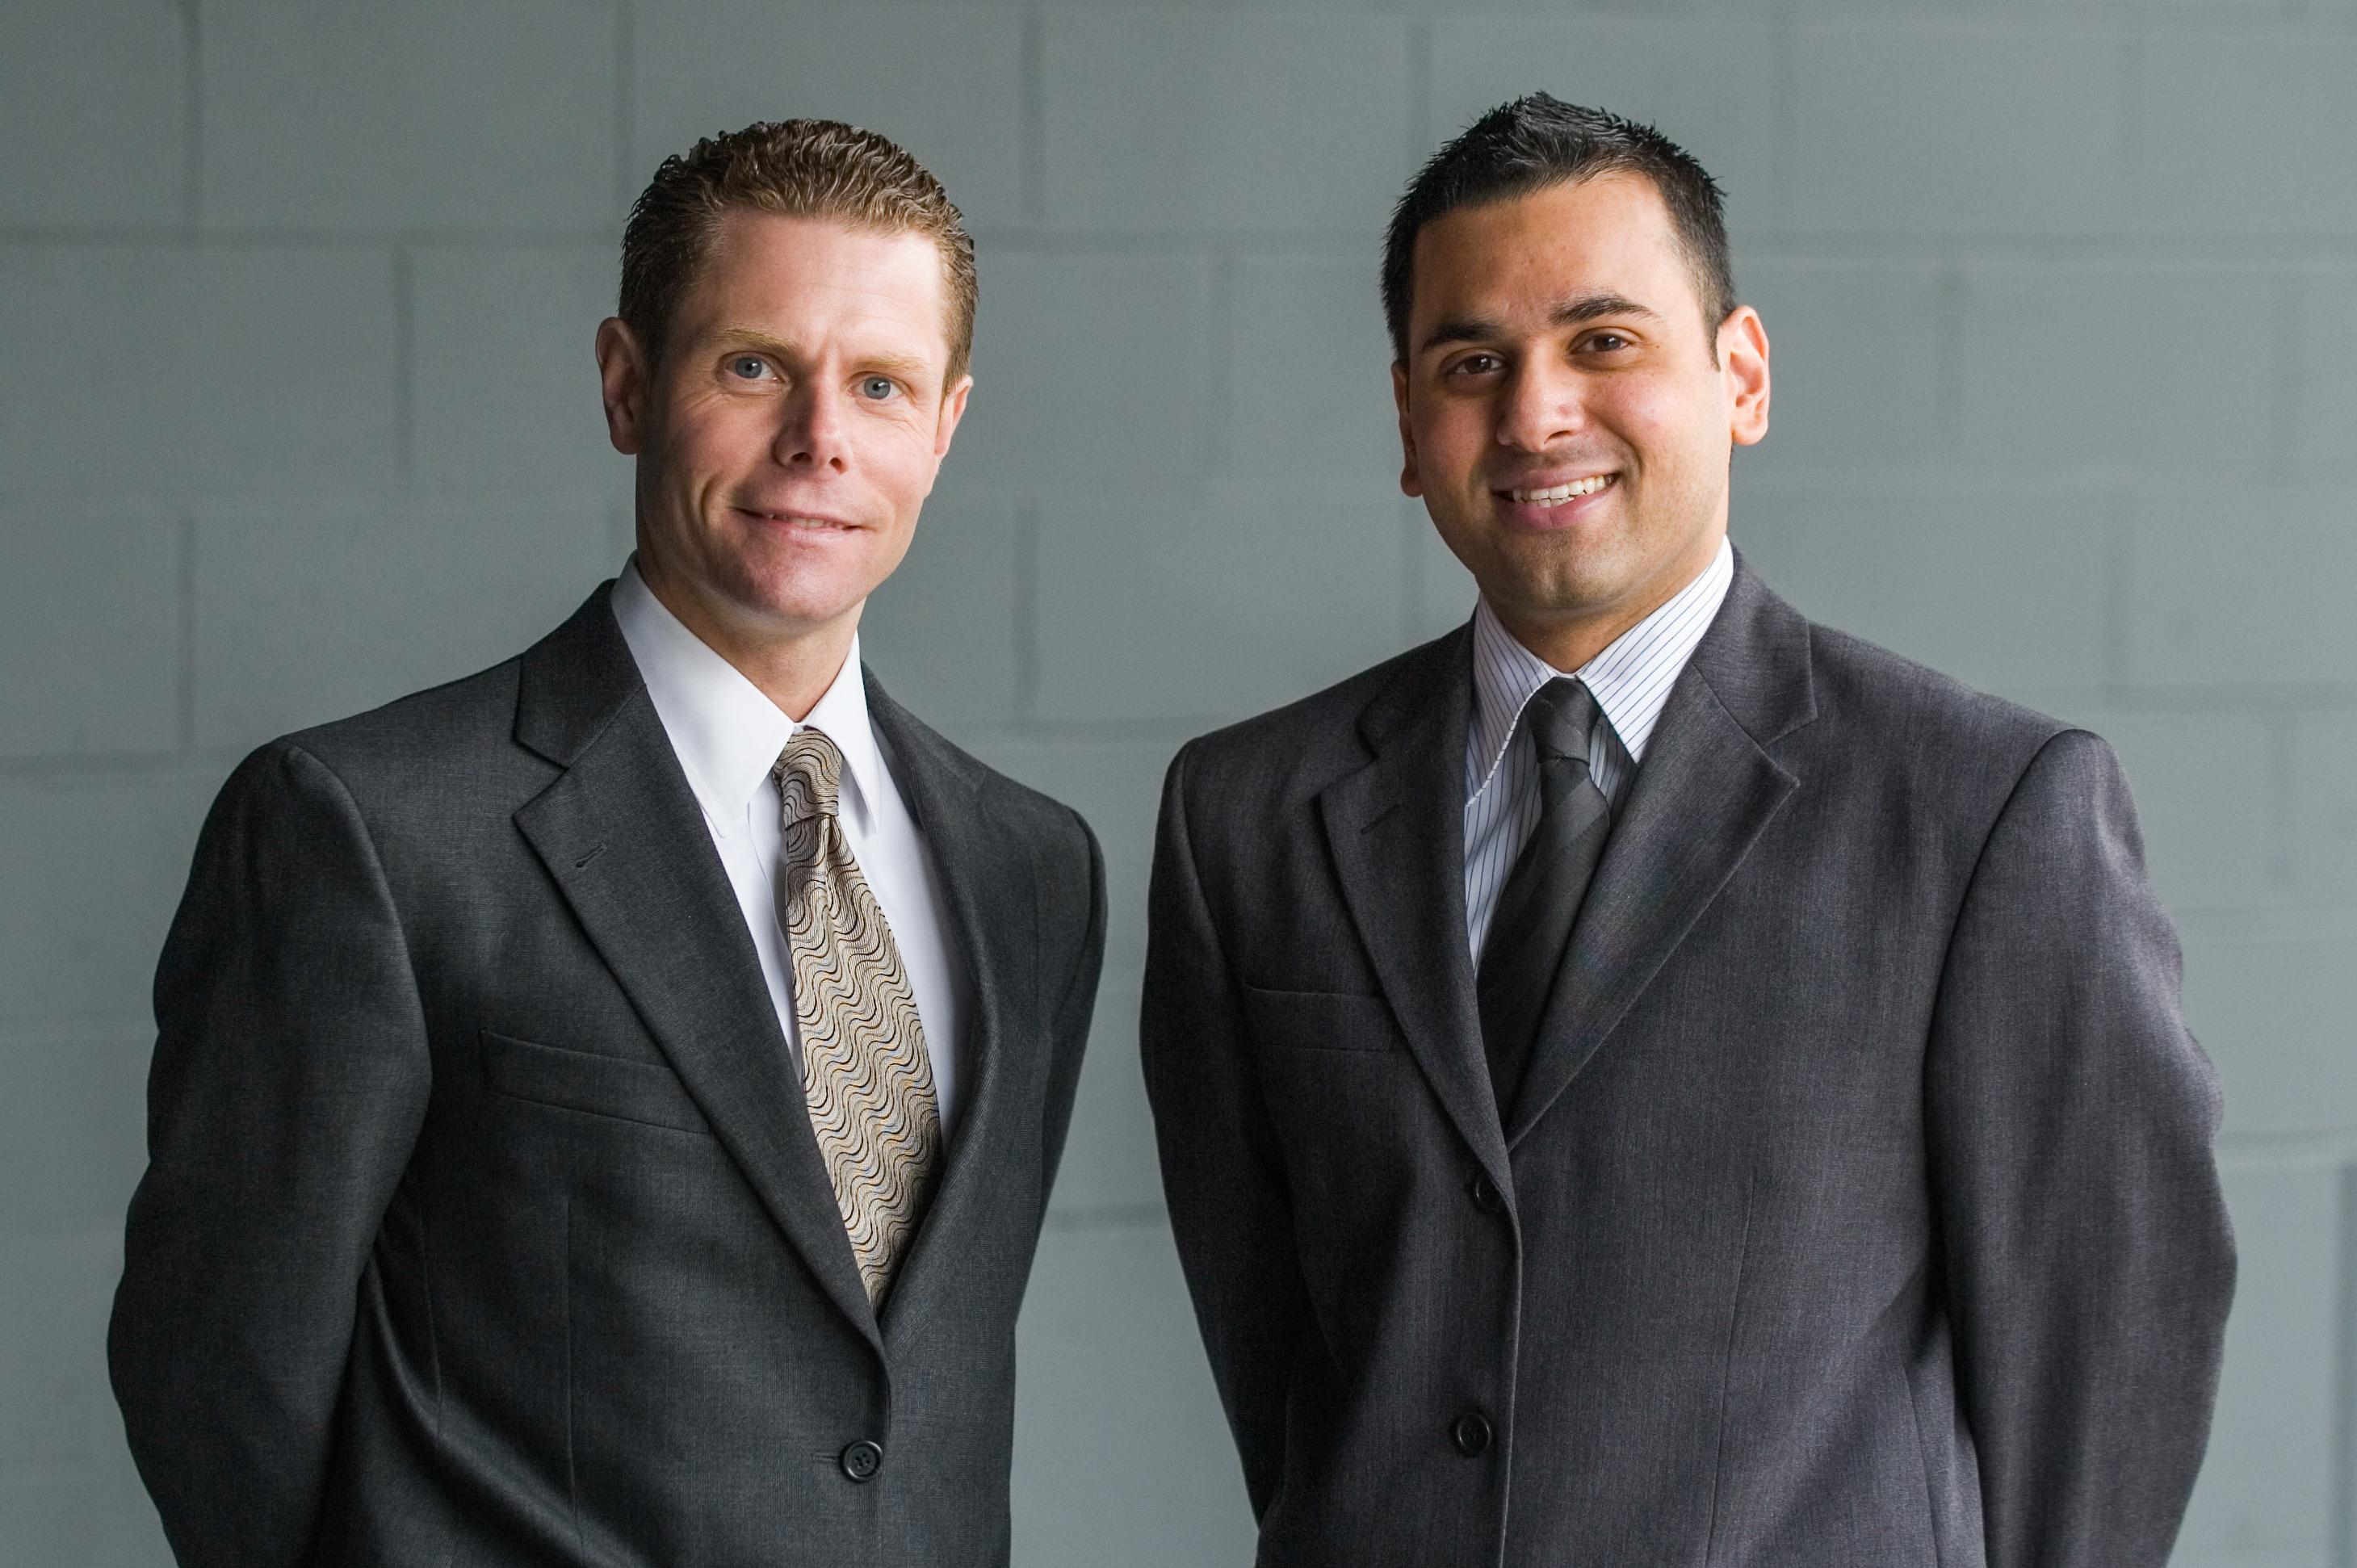 orlando criminal defense attorney - HD2919×1942